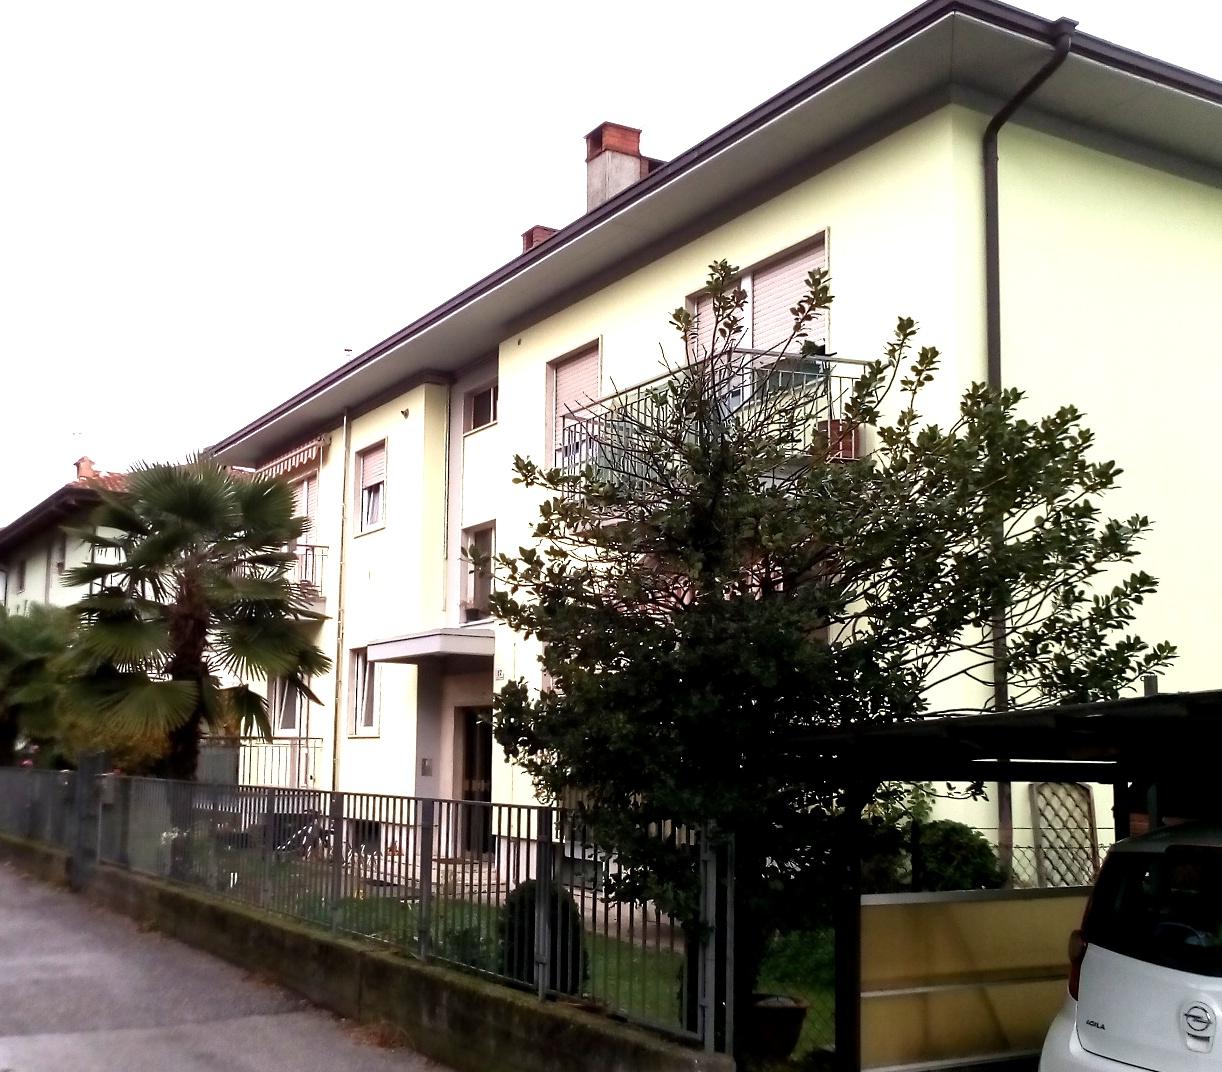 Appartamento in vendita a Riva del Garda, 4 locali, zona Zona: Riva, prezzo € 239.000 | CambioCasa.it